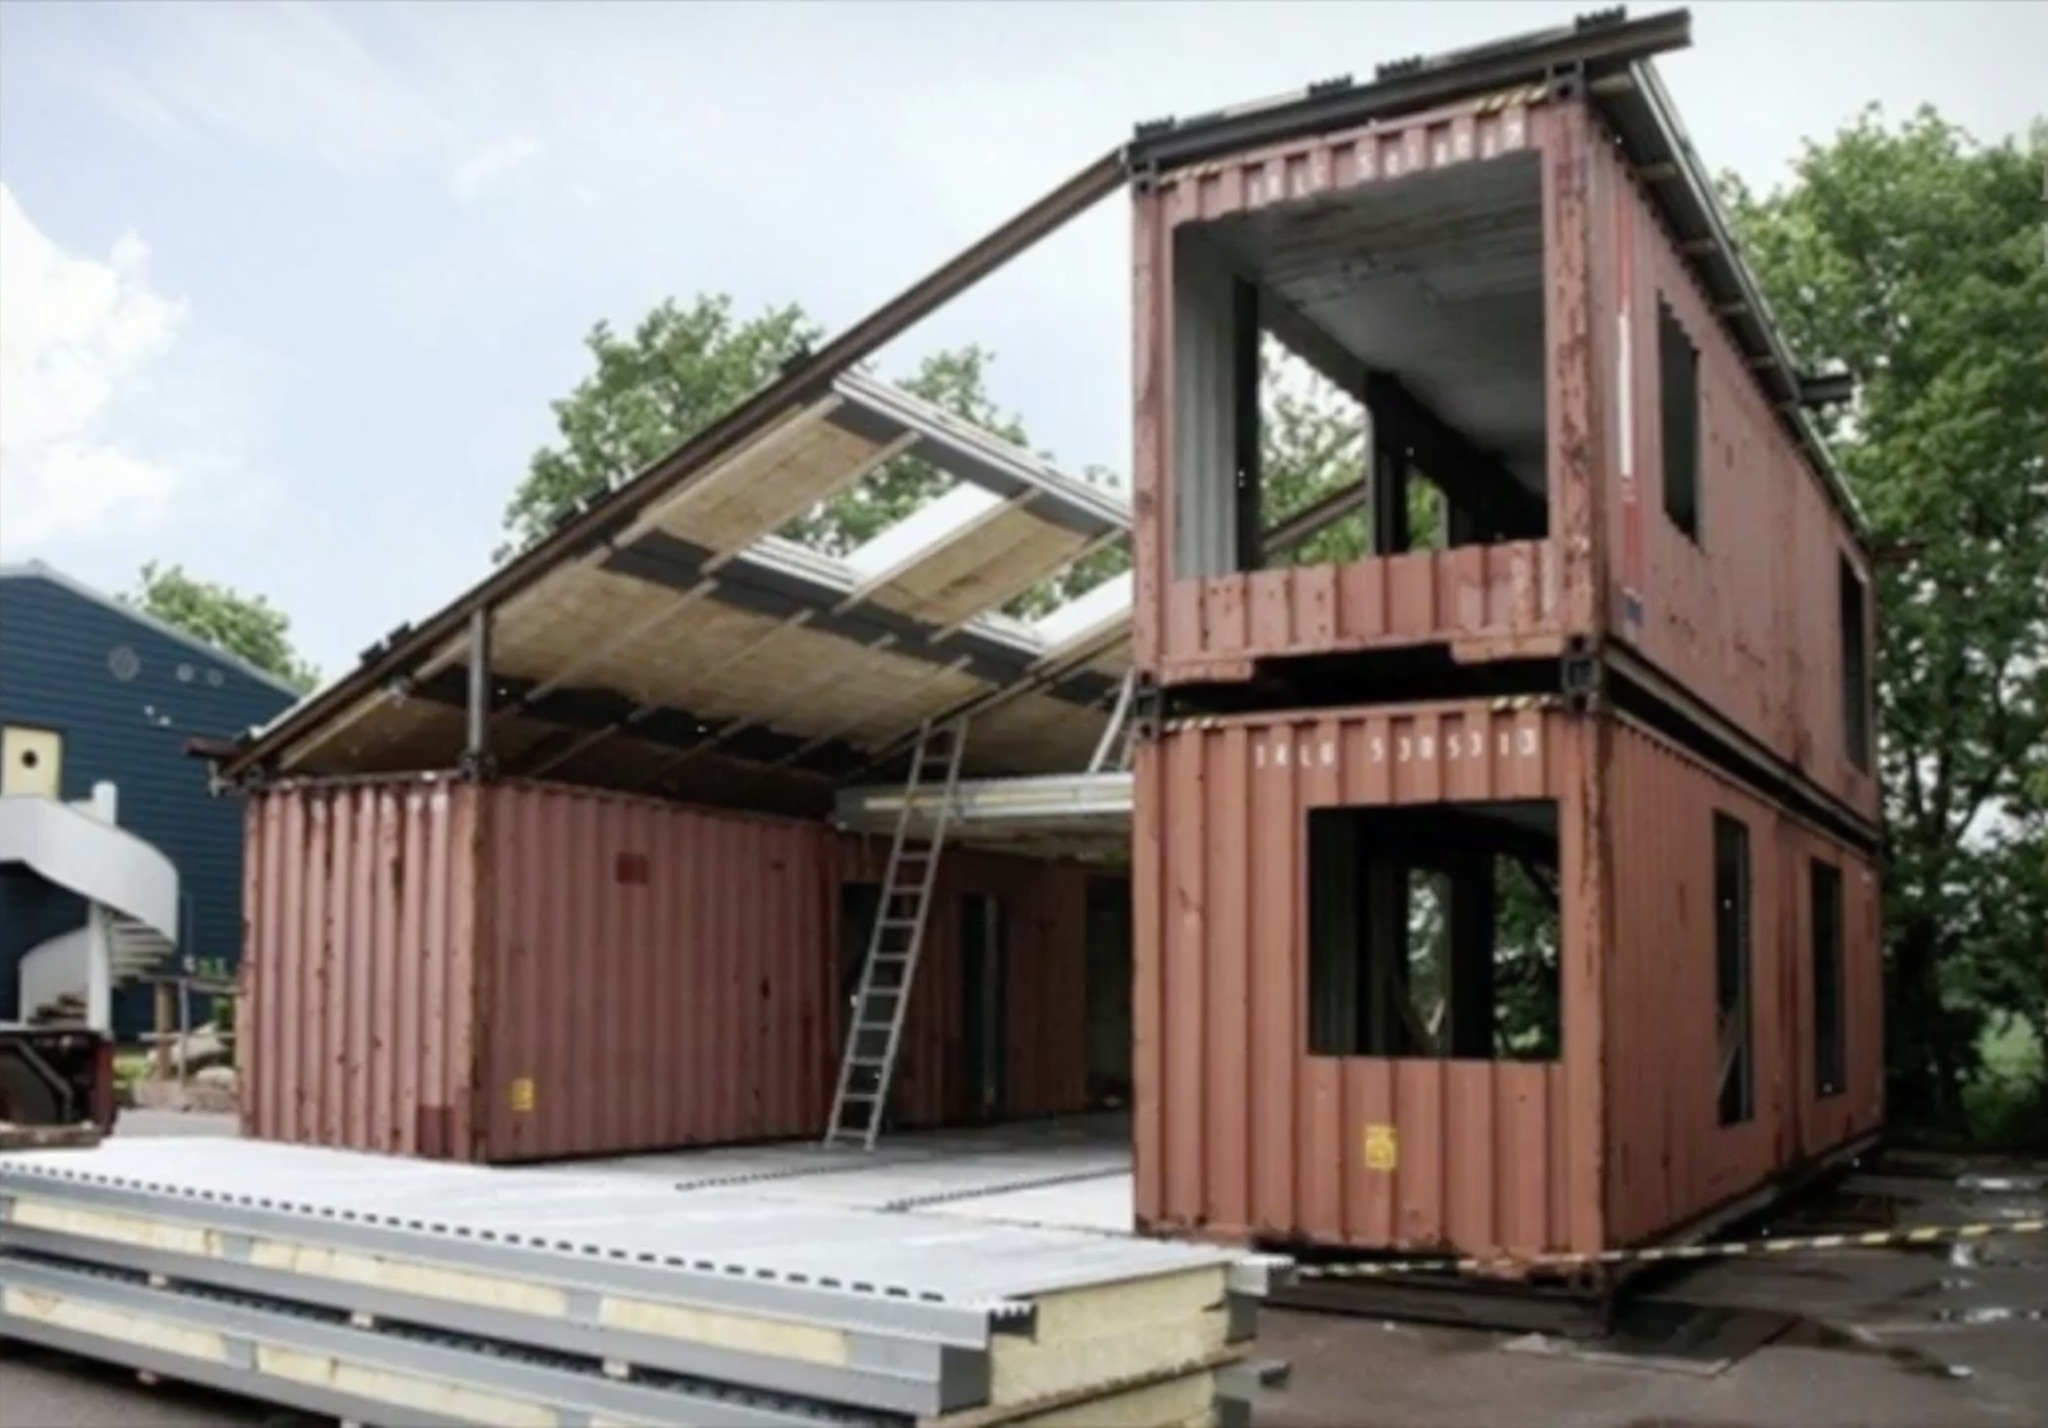 Er Nimmt 3 Alte Container Und Baut Daraus Ein Traumhaus Brigittede